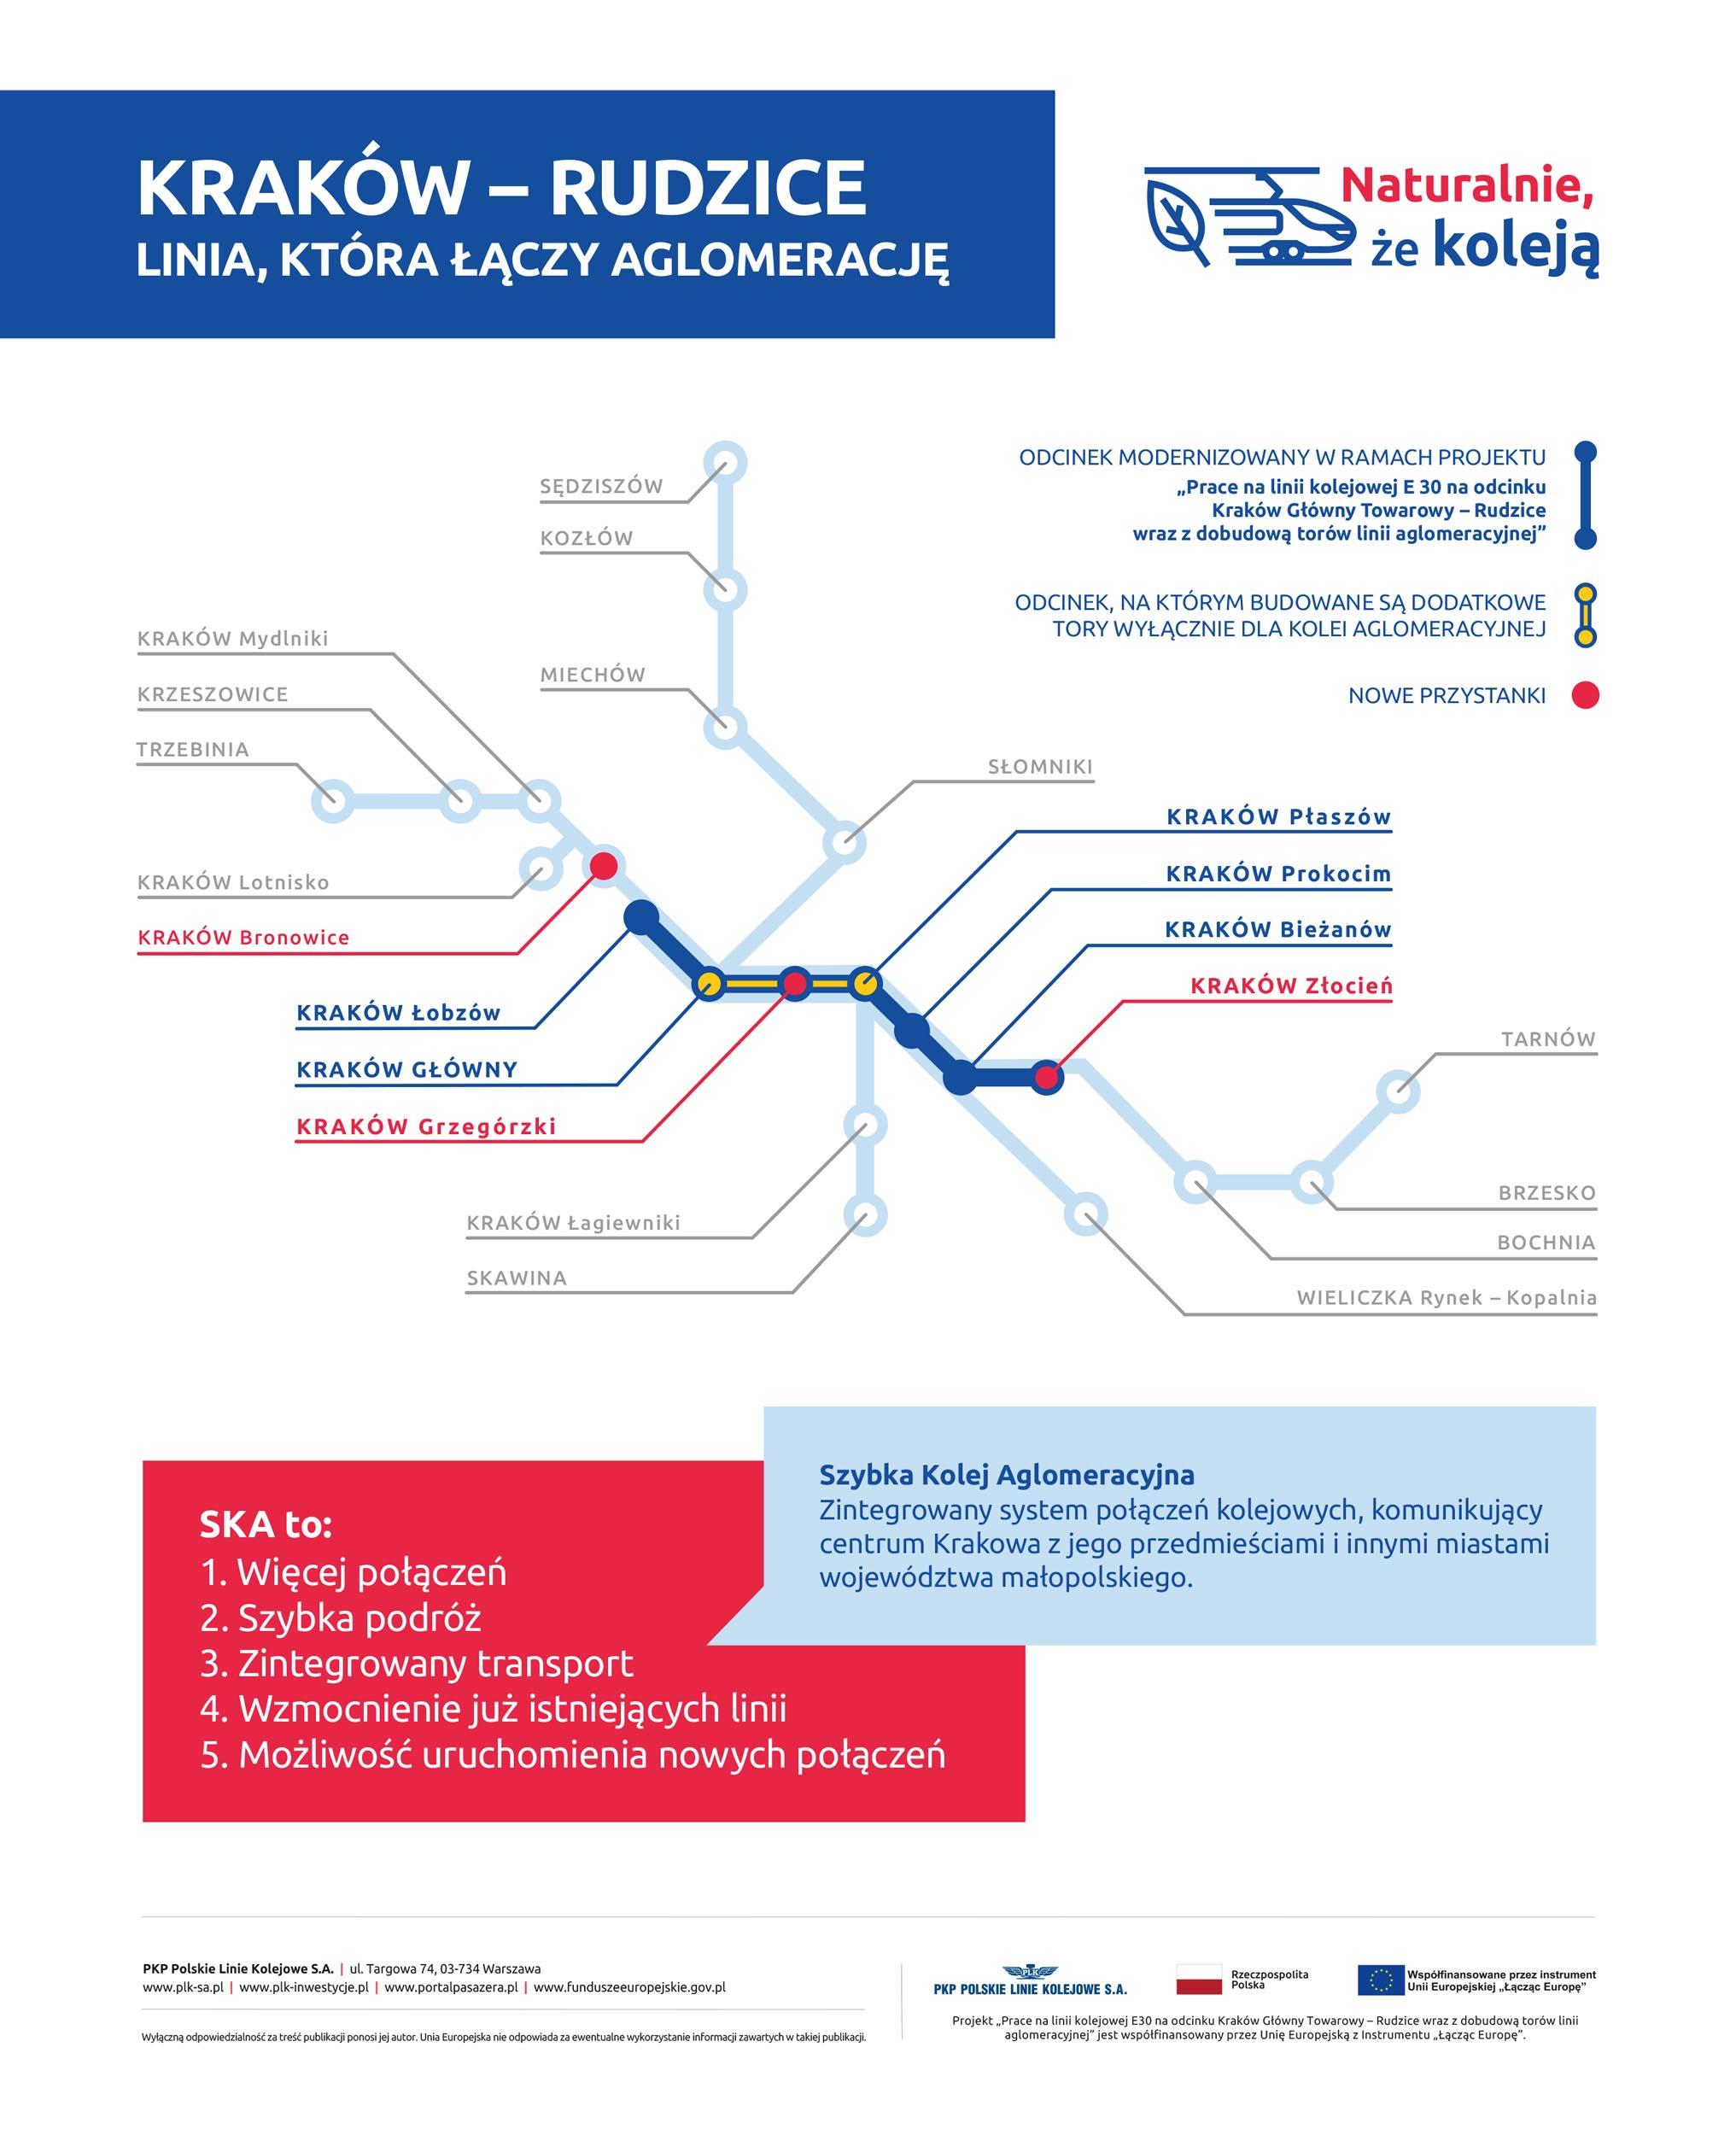 Infografika z cyklu Naturalnie, że koleją pokazująca schemat Szybkiej Kolei Aglomeracyjnej